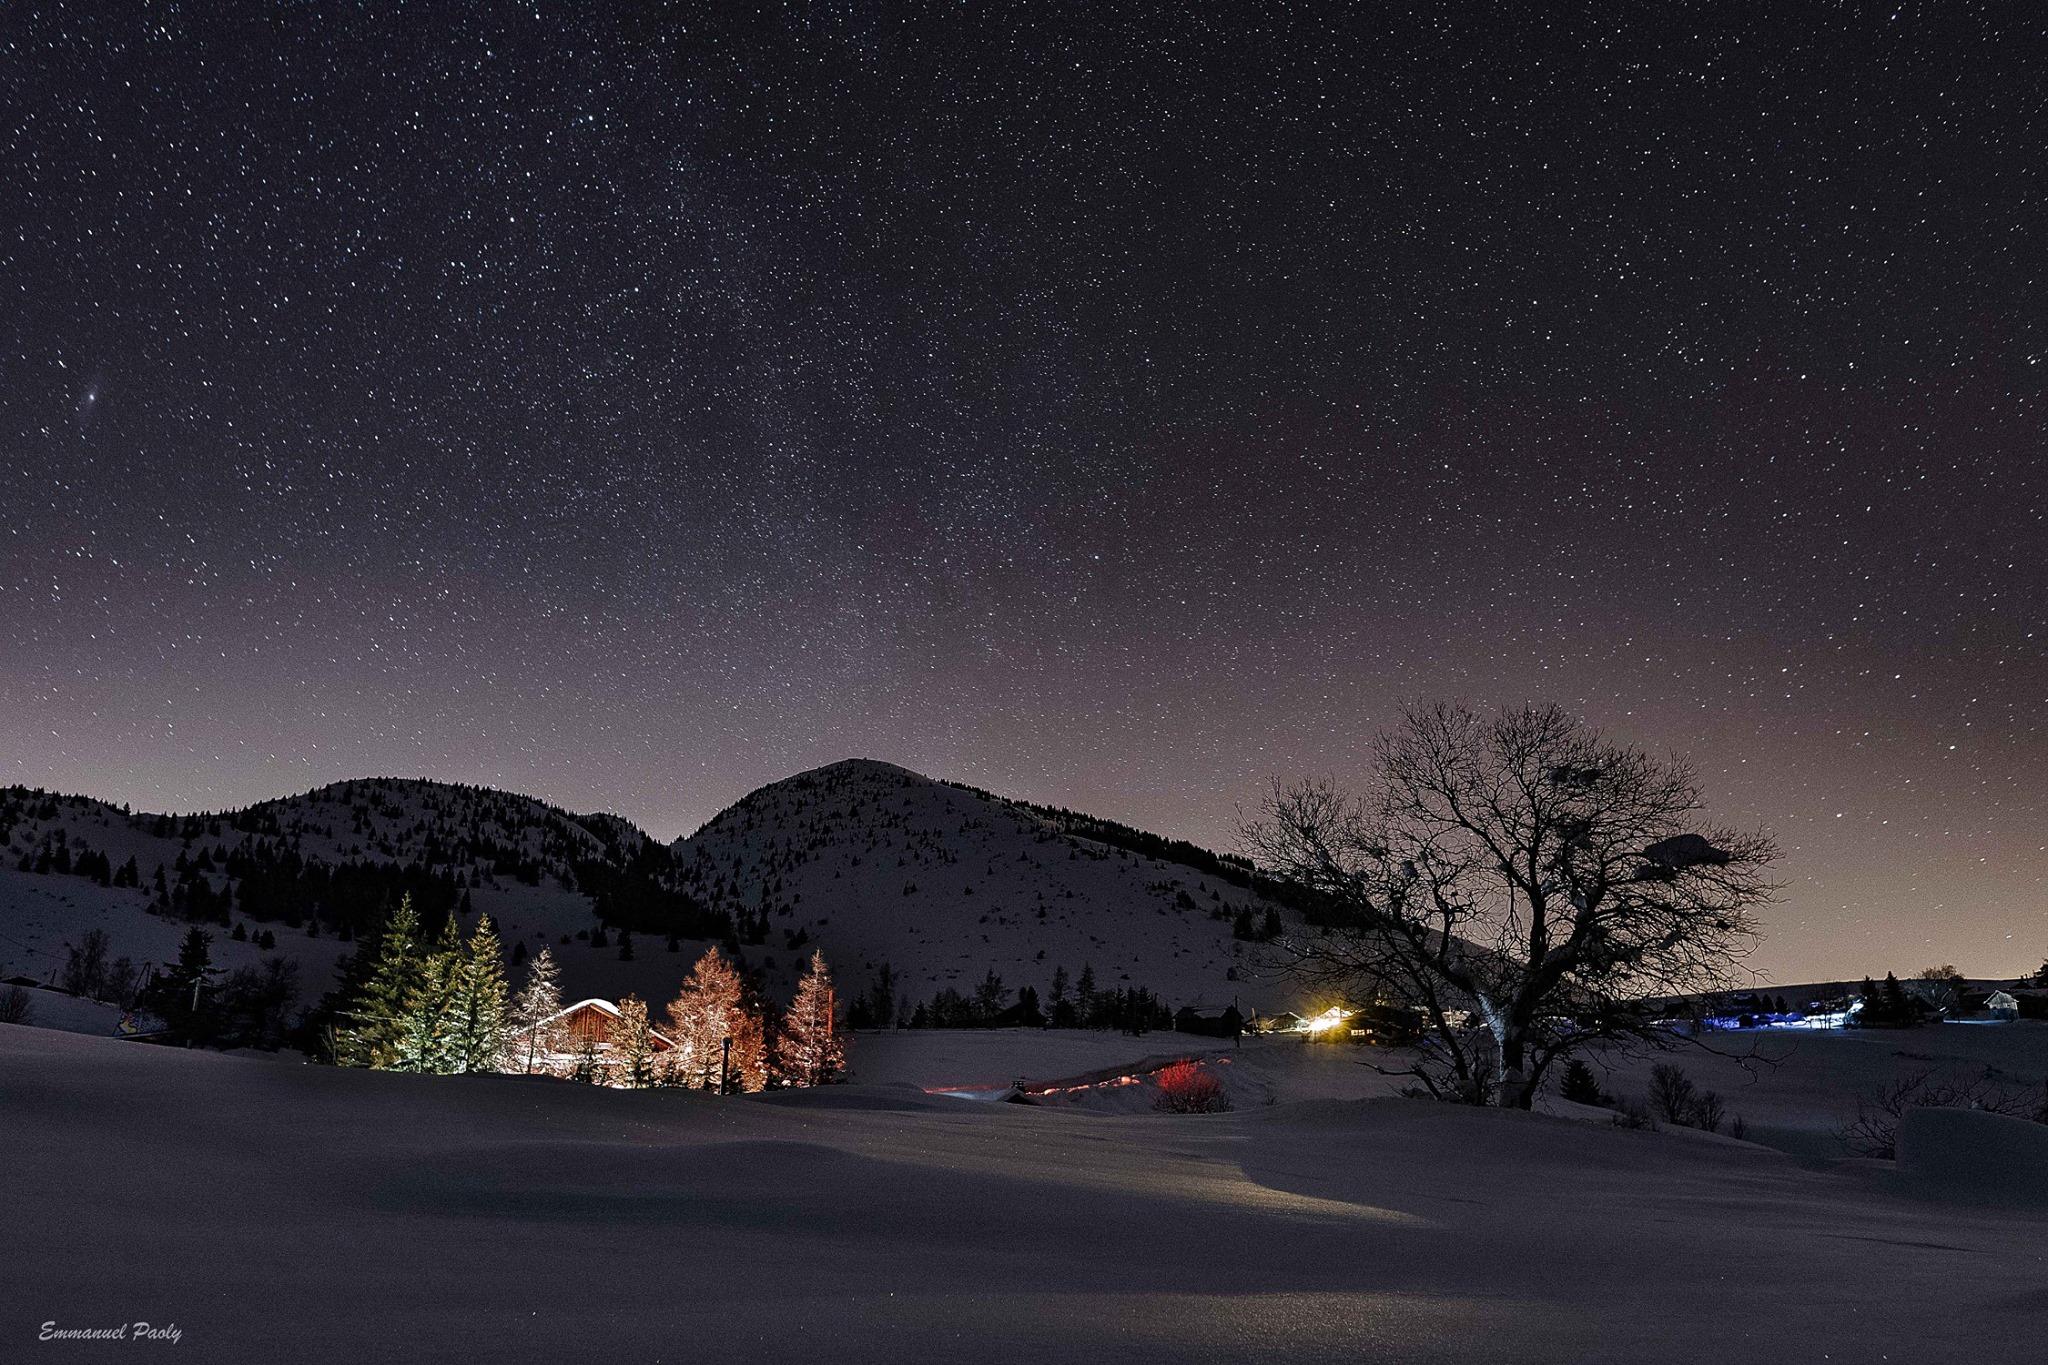 Nuit étoilée à soilaison